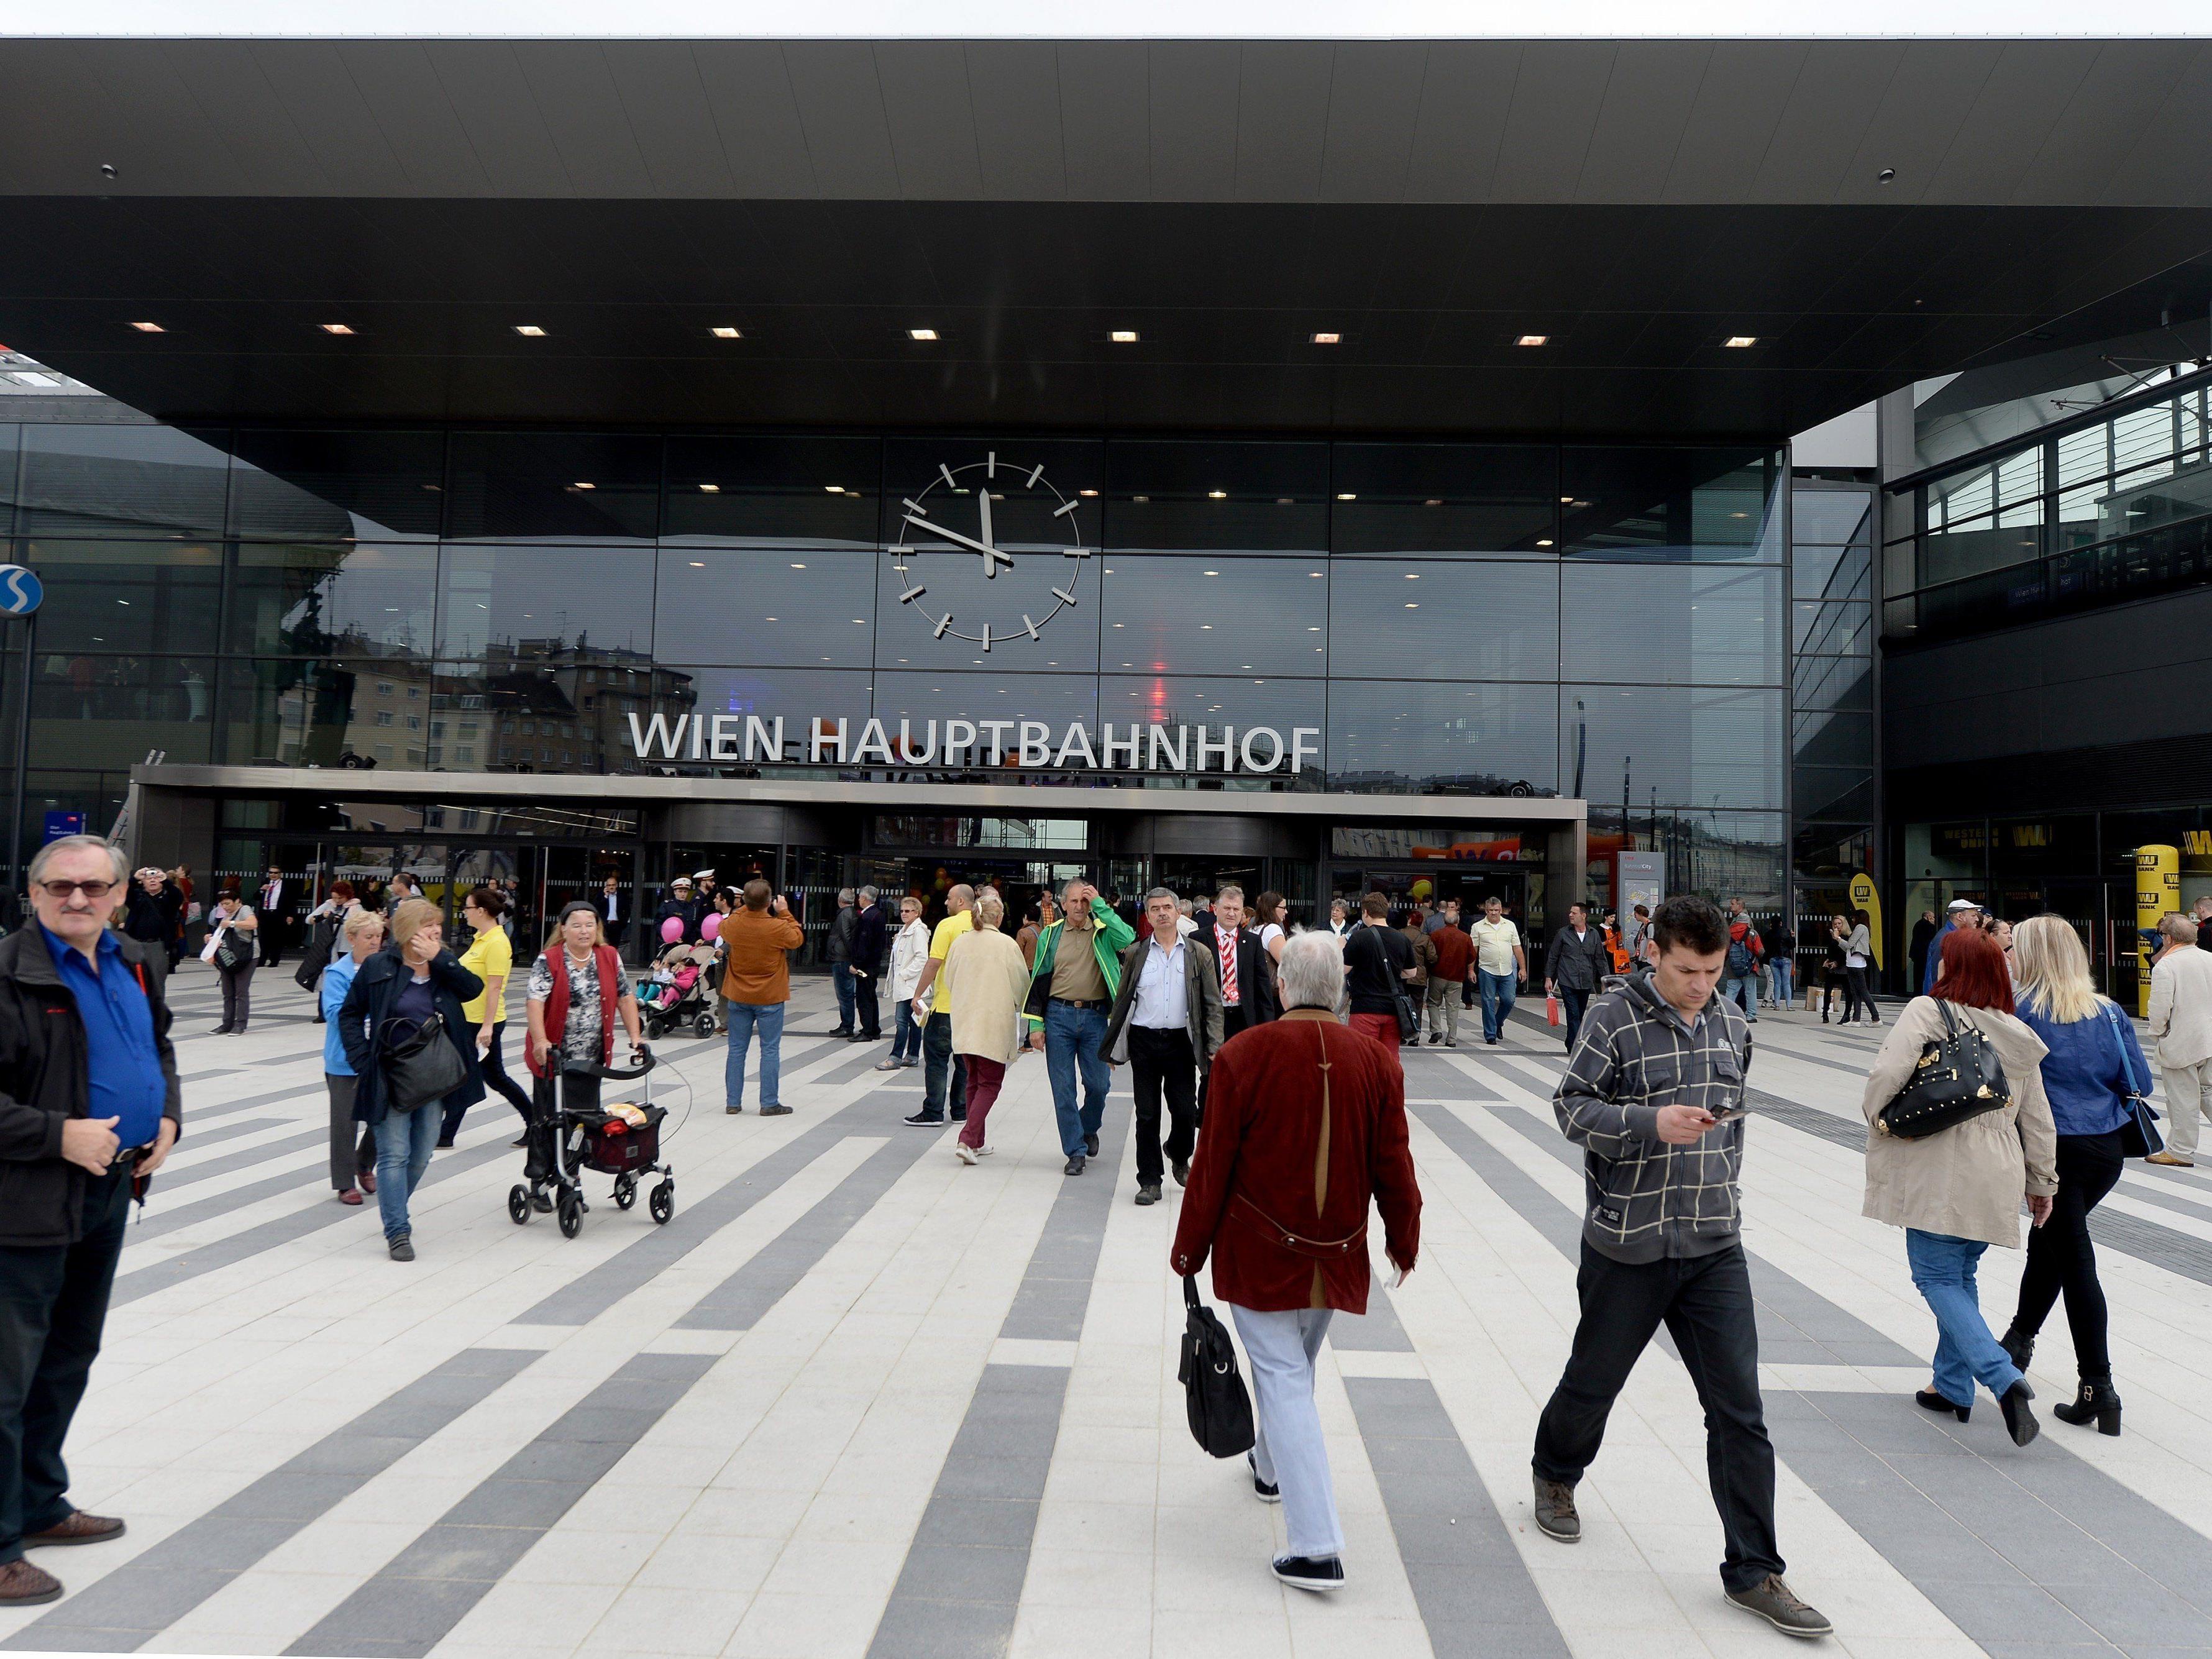 Am 13. Dezember 2015 wird der Vollbetrieb am Wiener Hauptbahnhof aufgenommen.